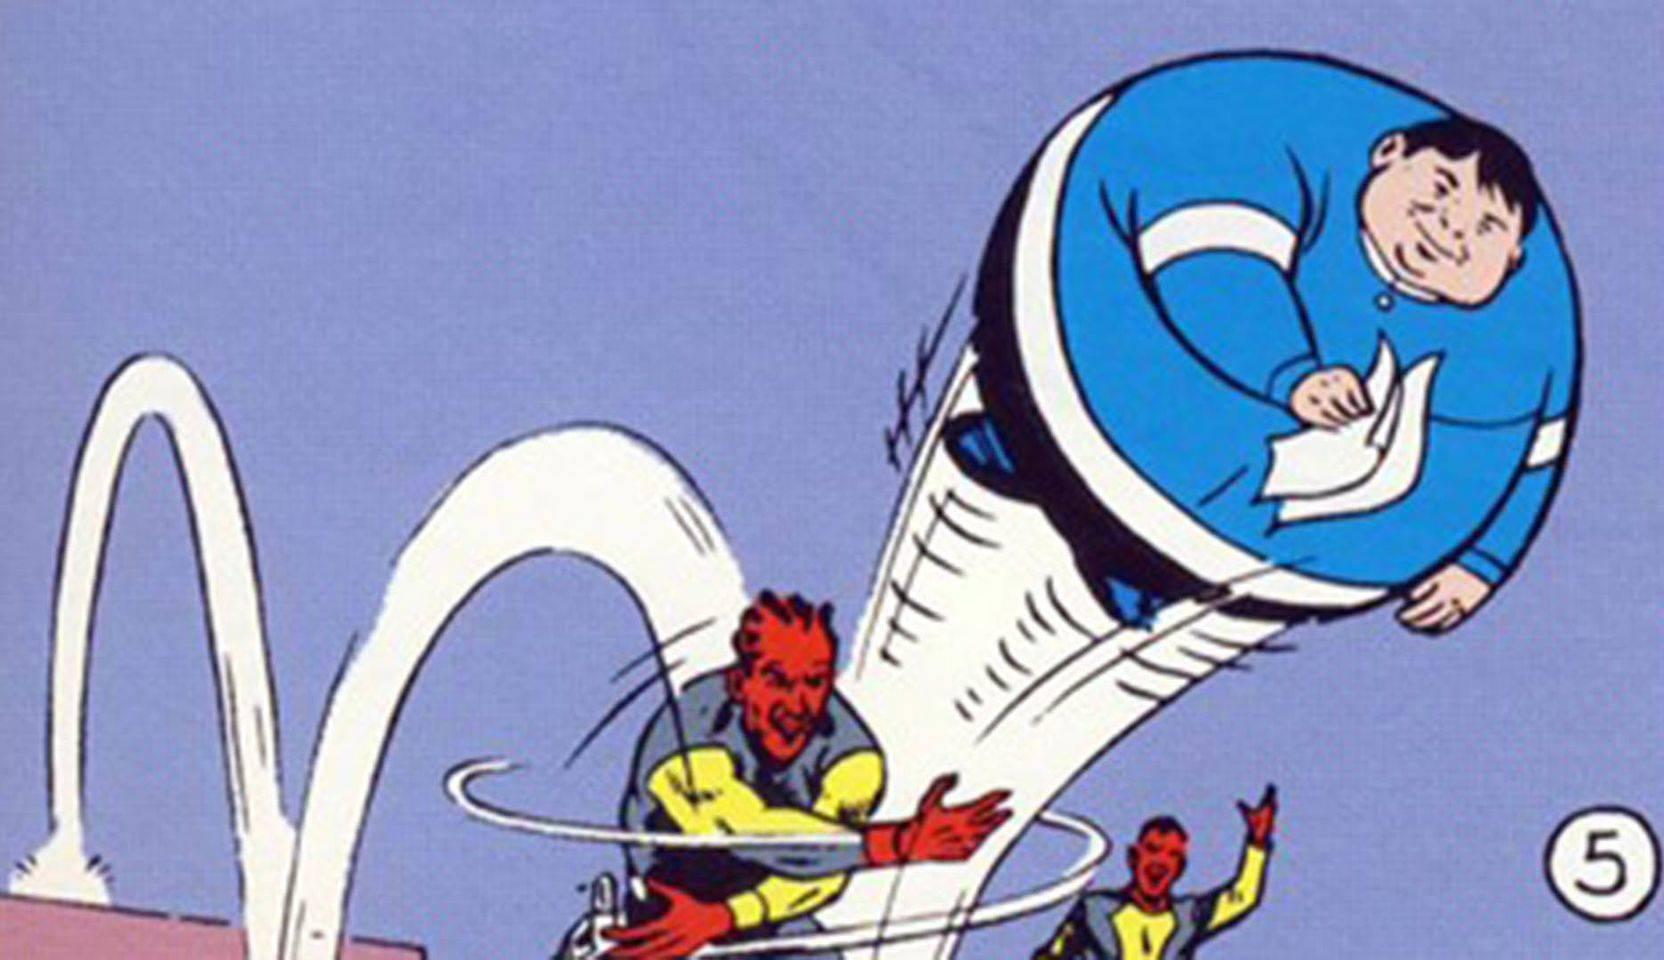 peggiori supereroi - Bouncing Boy